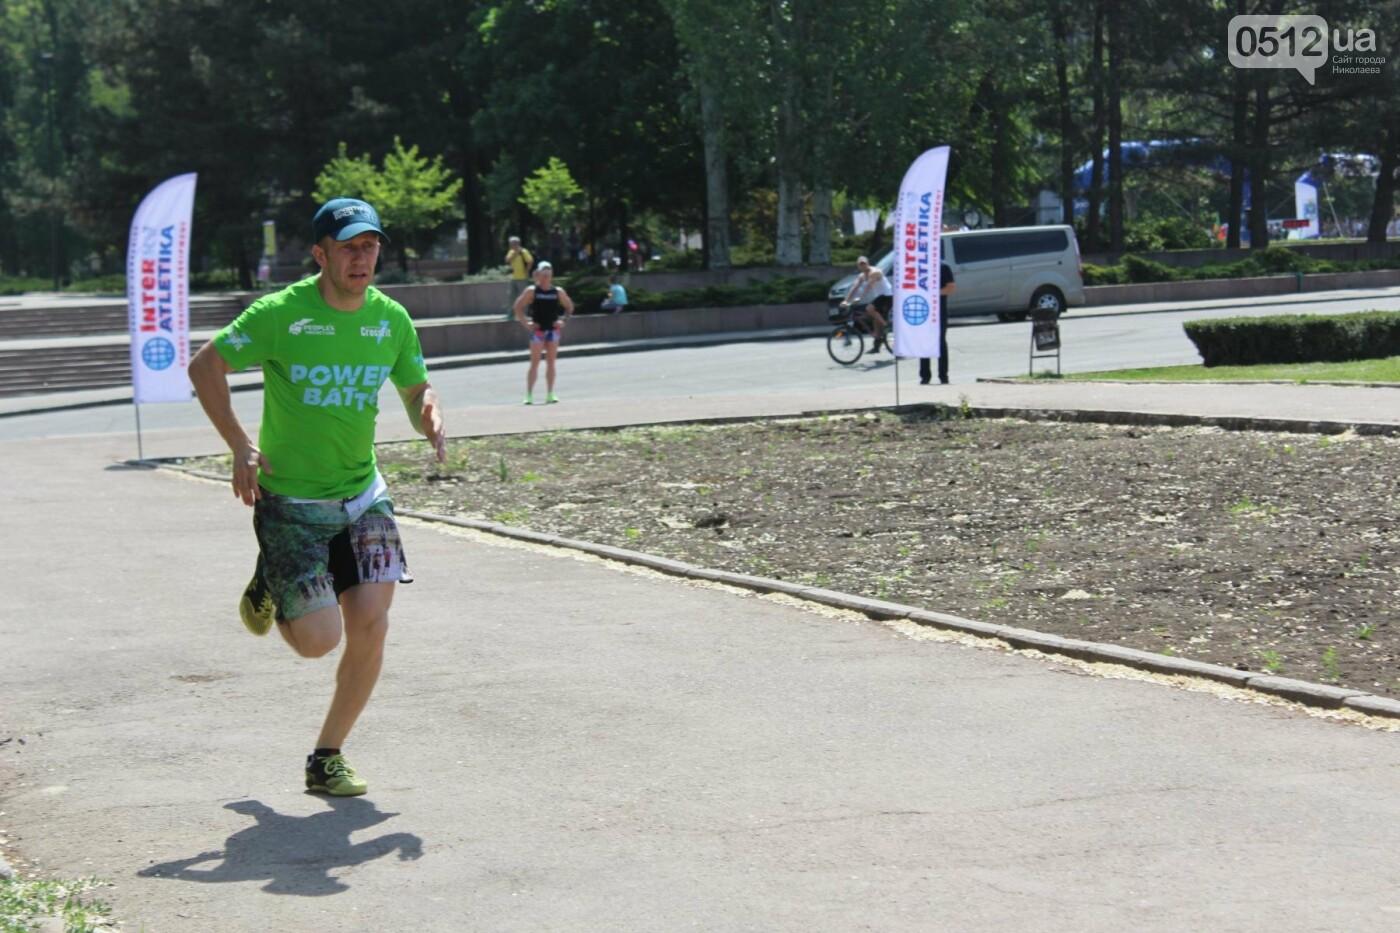 Кто сильнее: в Николаеве прошли соревнования по кроссфиту среди силовых структур, - ФОТО, ВИДЕО, фото-11